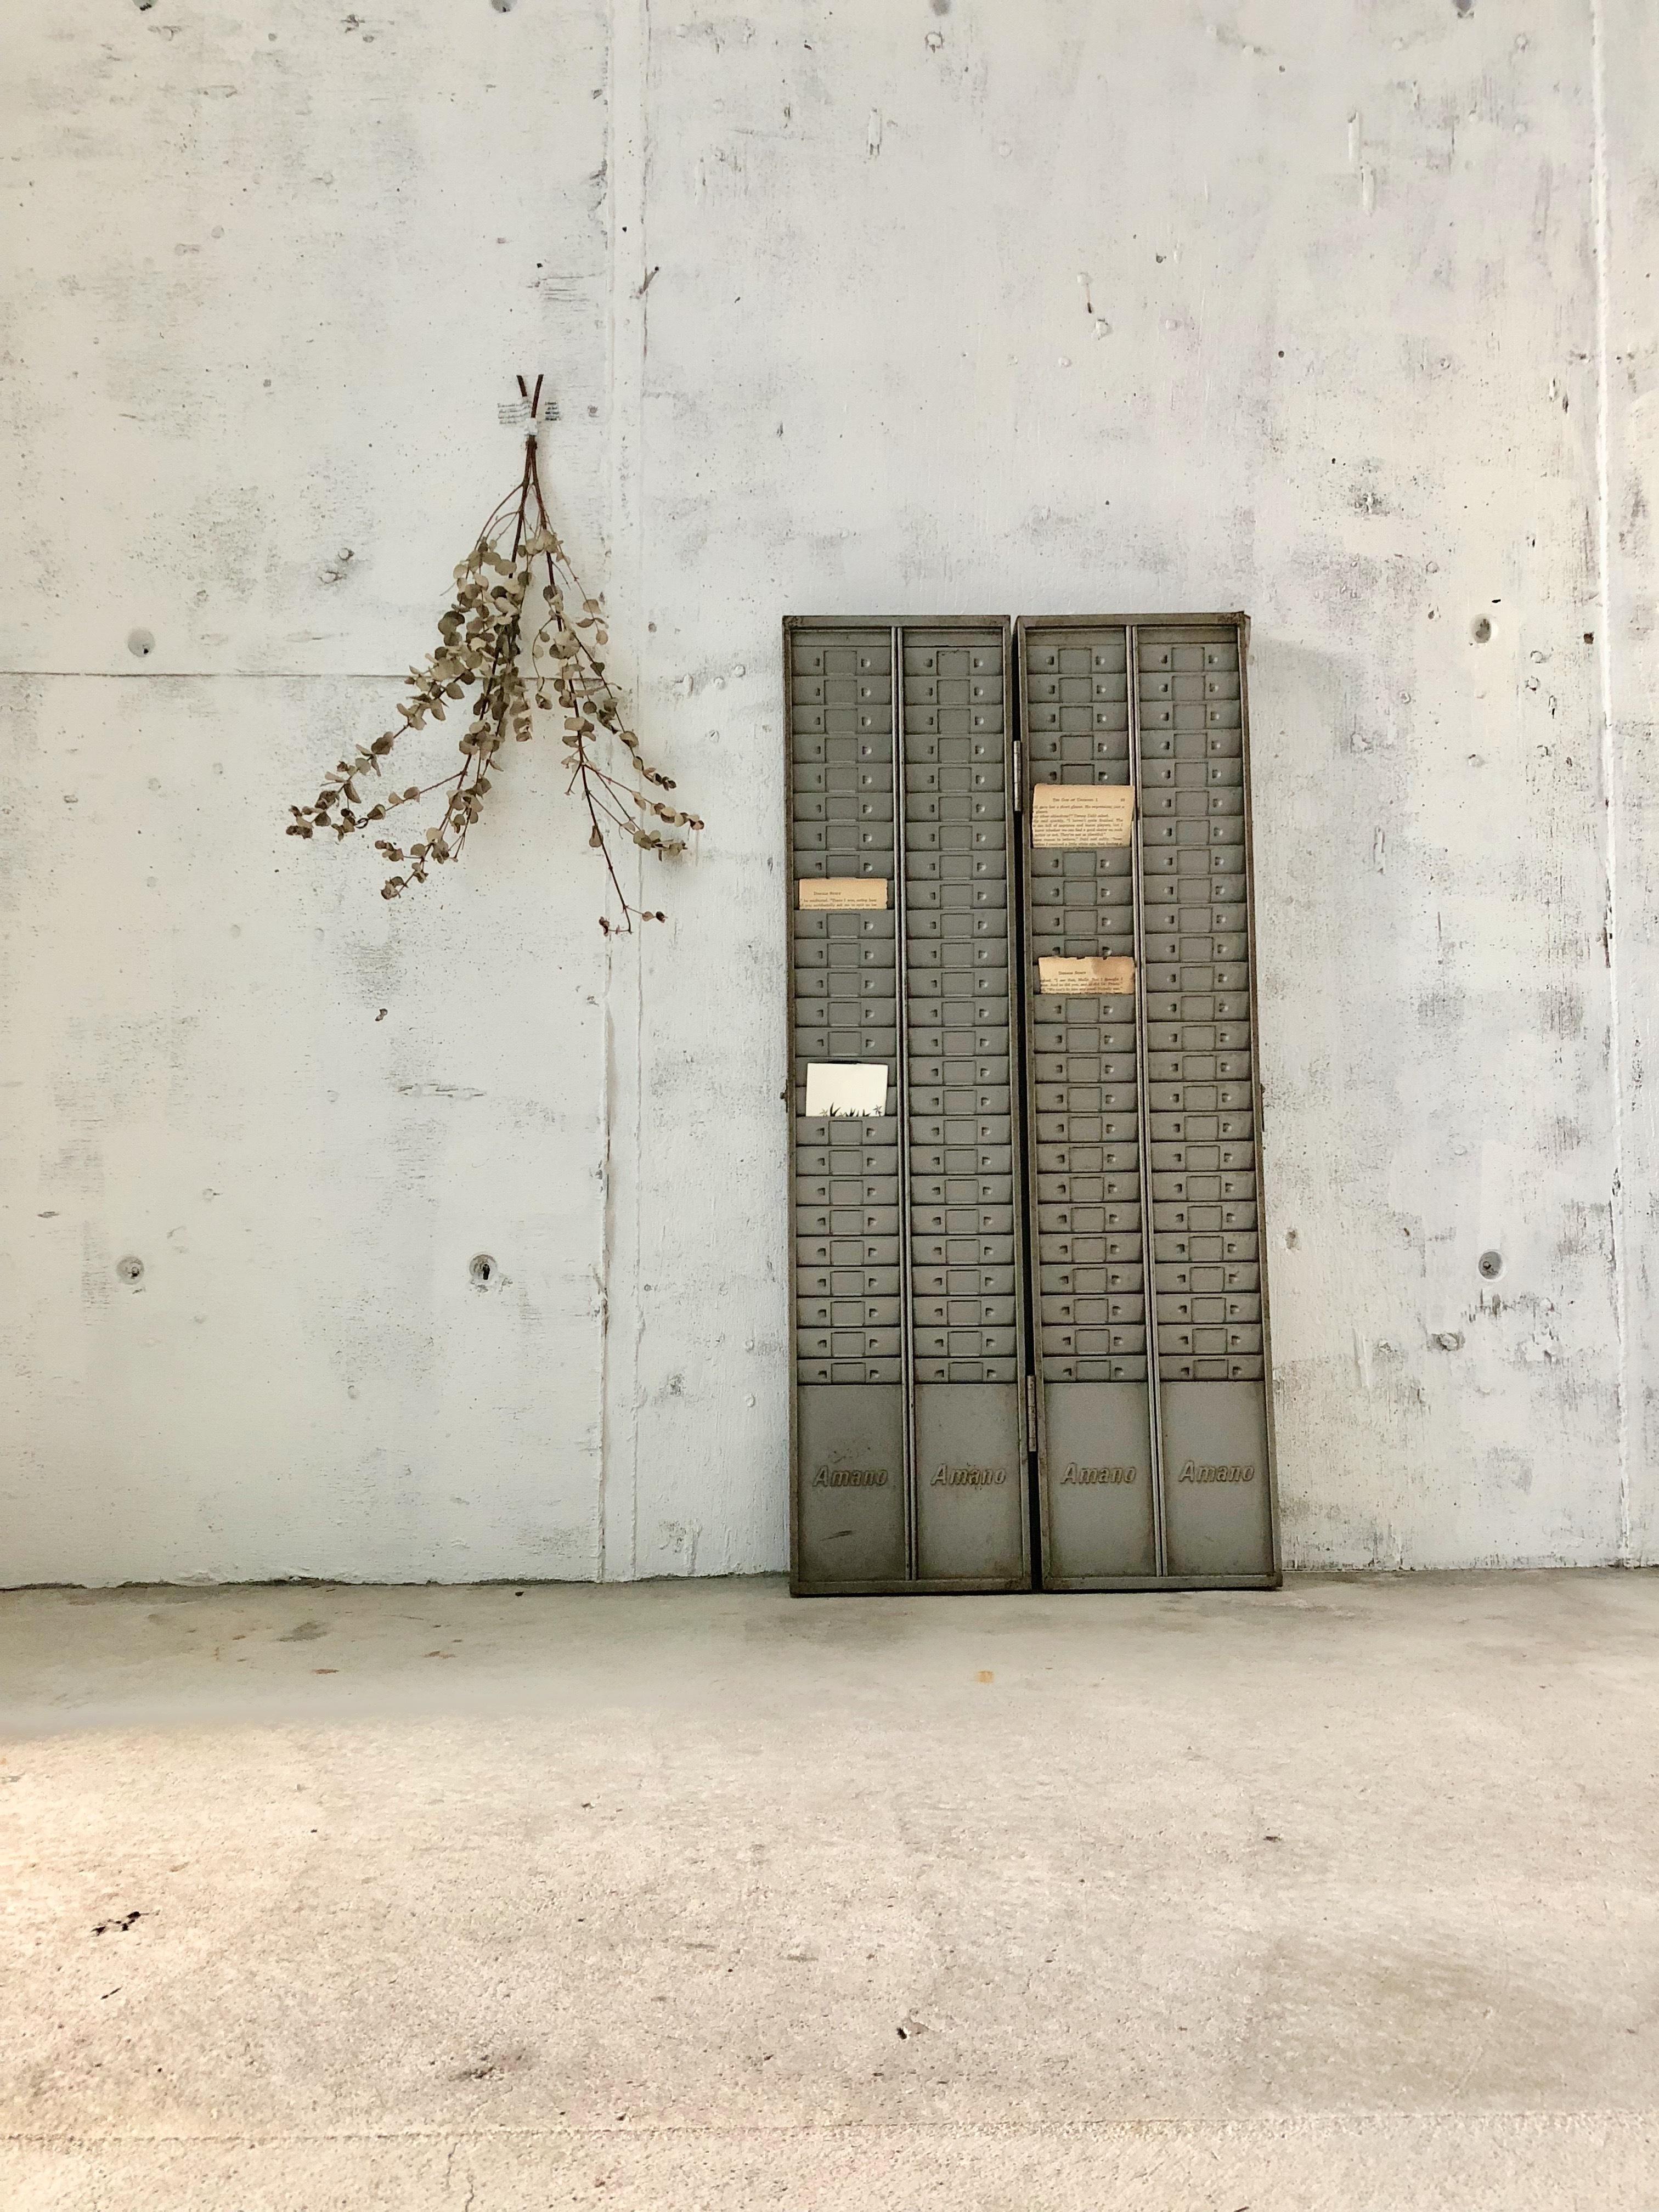 工業系タイムケース[古家具]